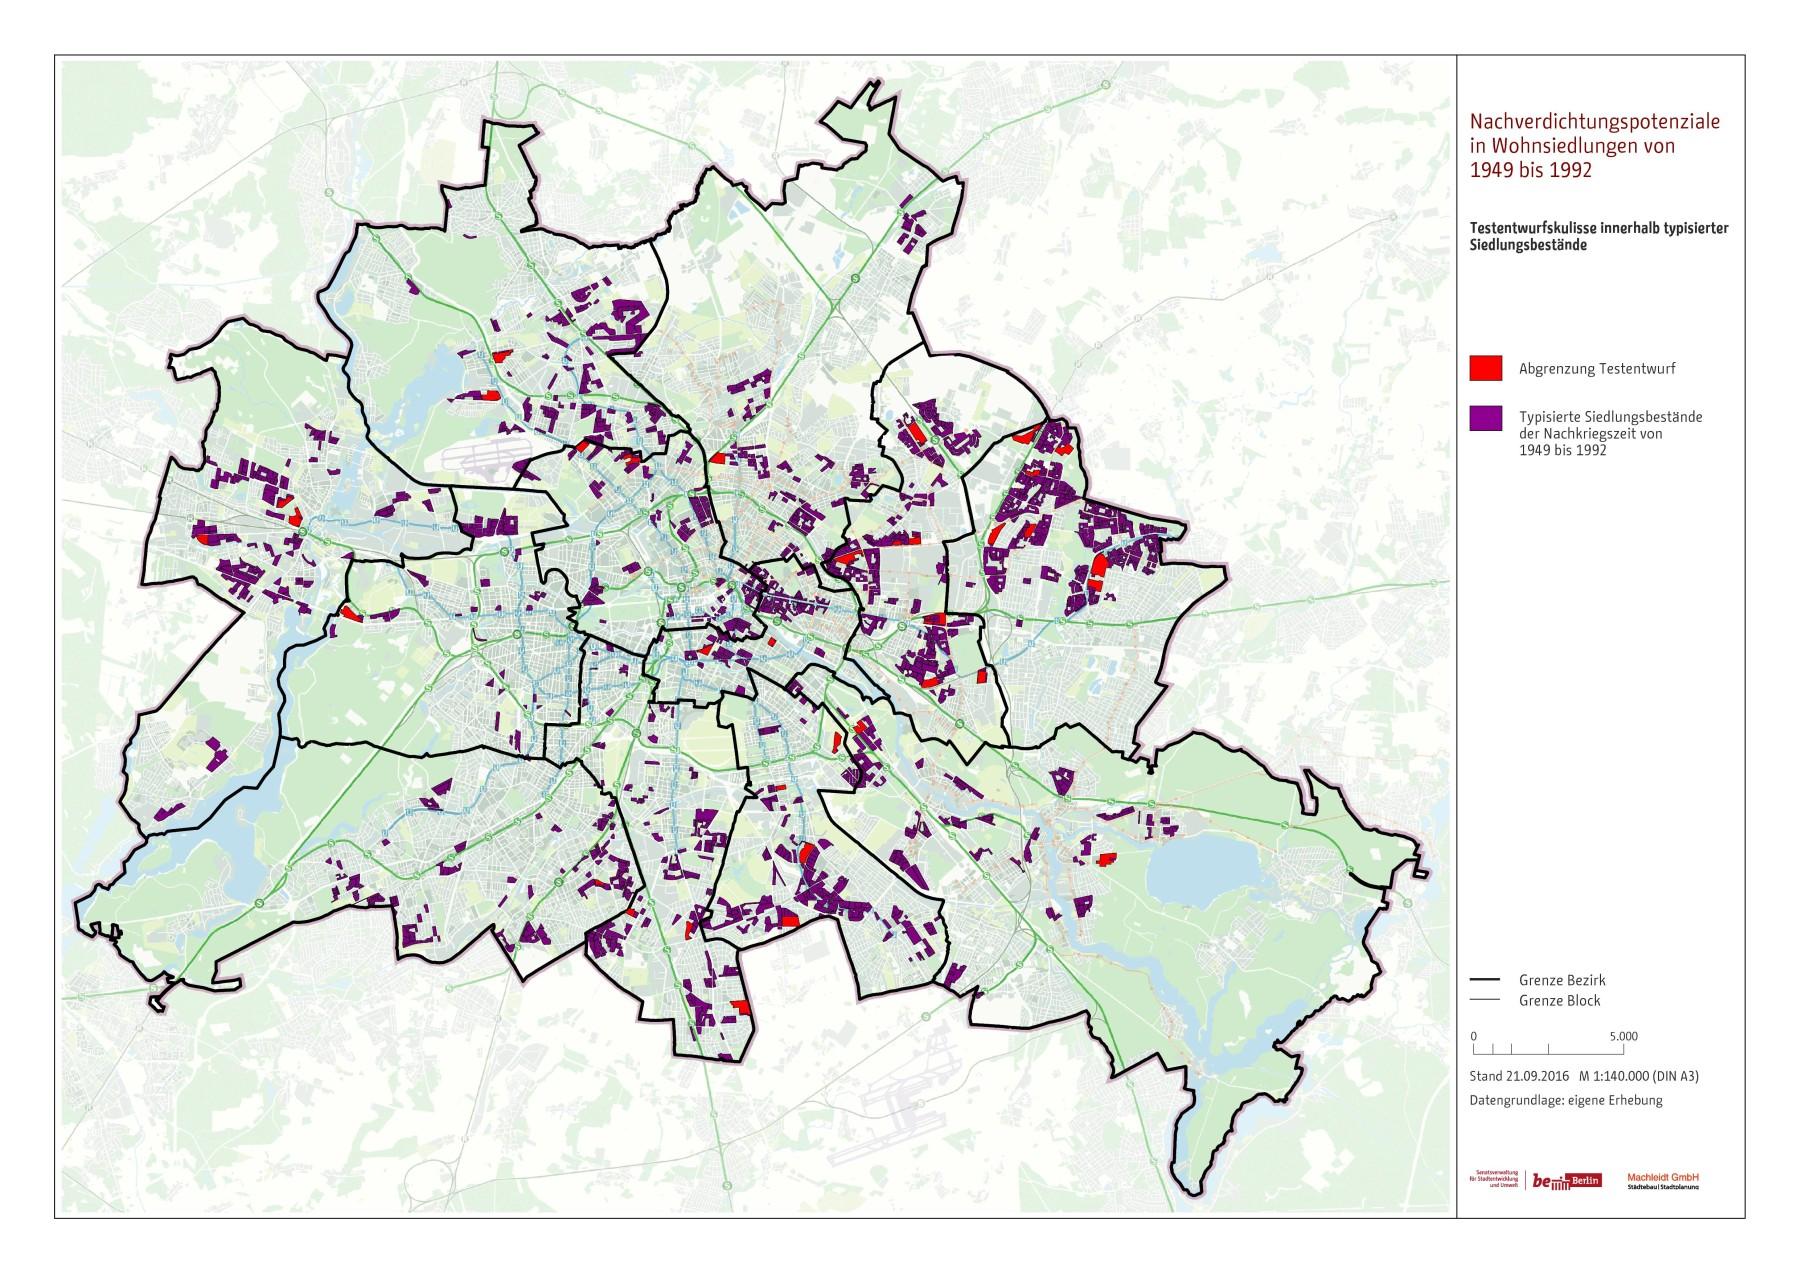 Auswahl der Siedlungen für Testentwürfe in Siedlungsbeständen der Jahre 1949 bis 1992 in Berlin